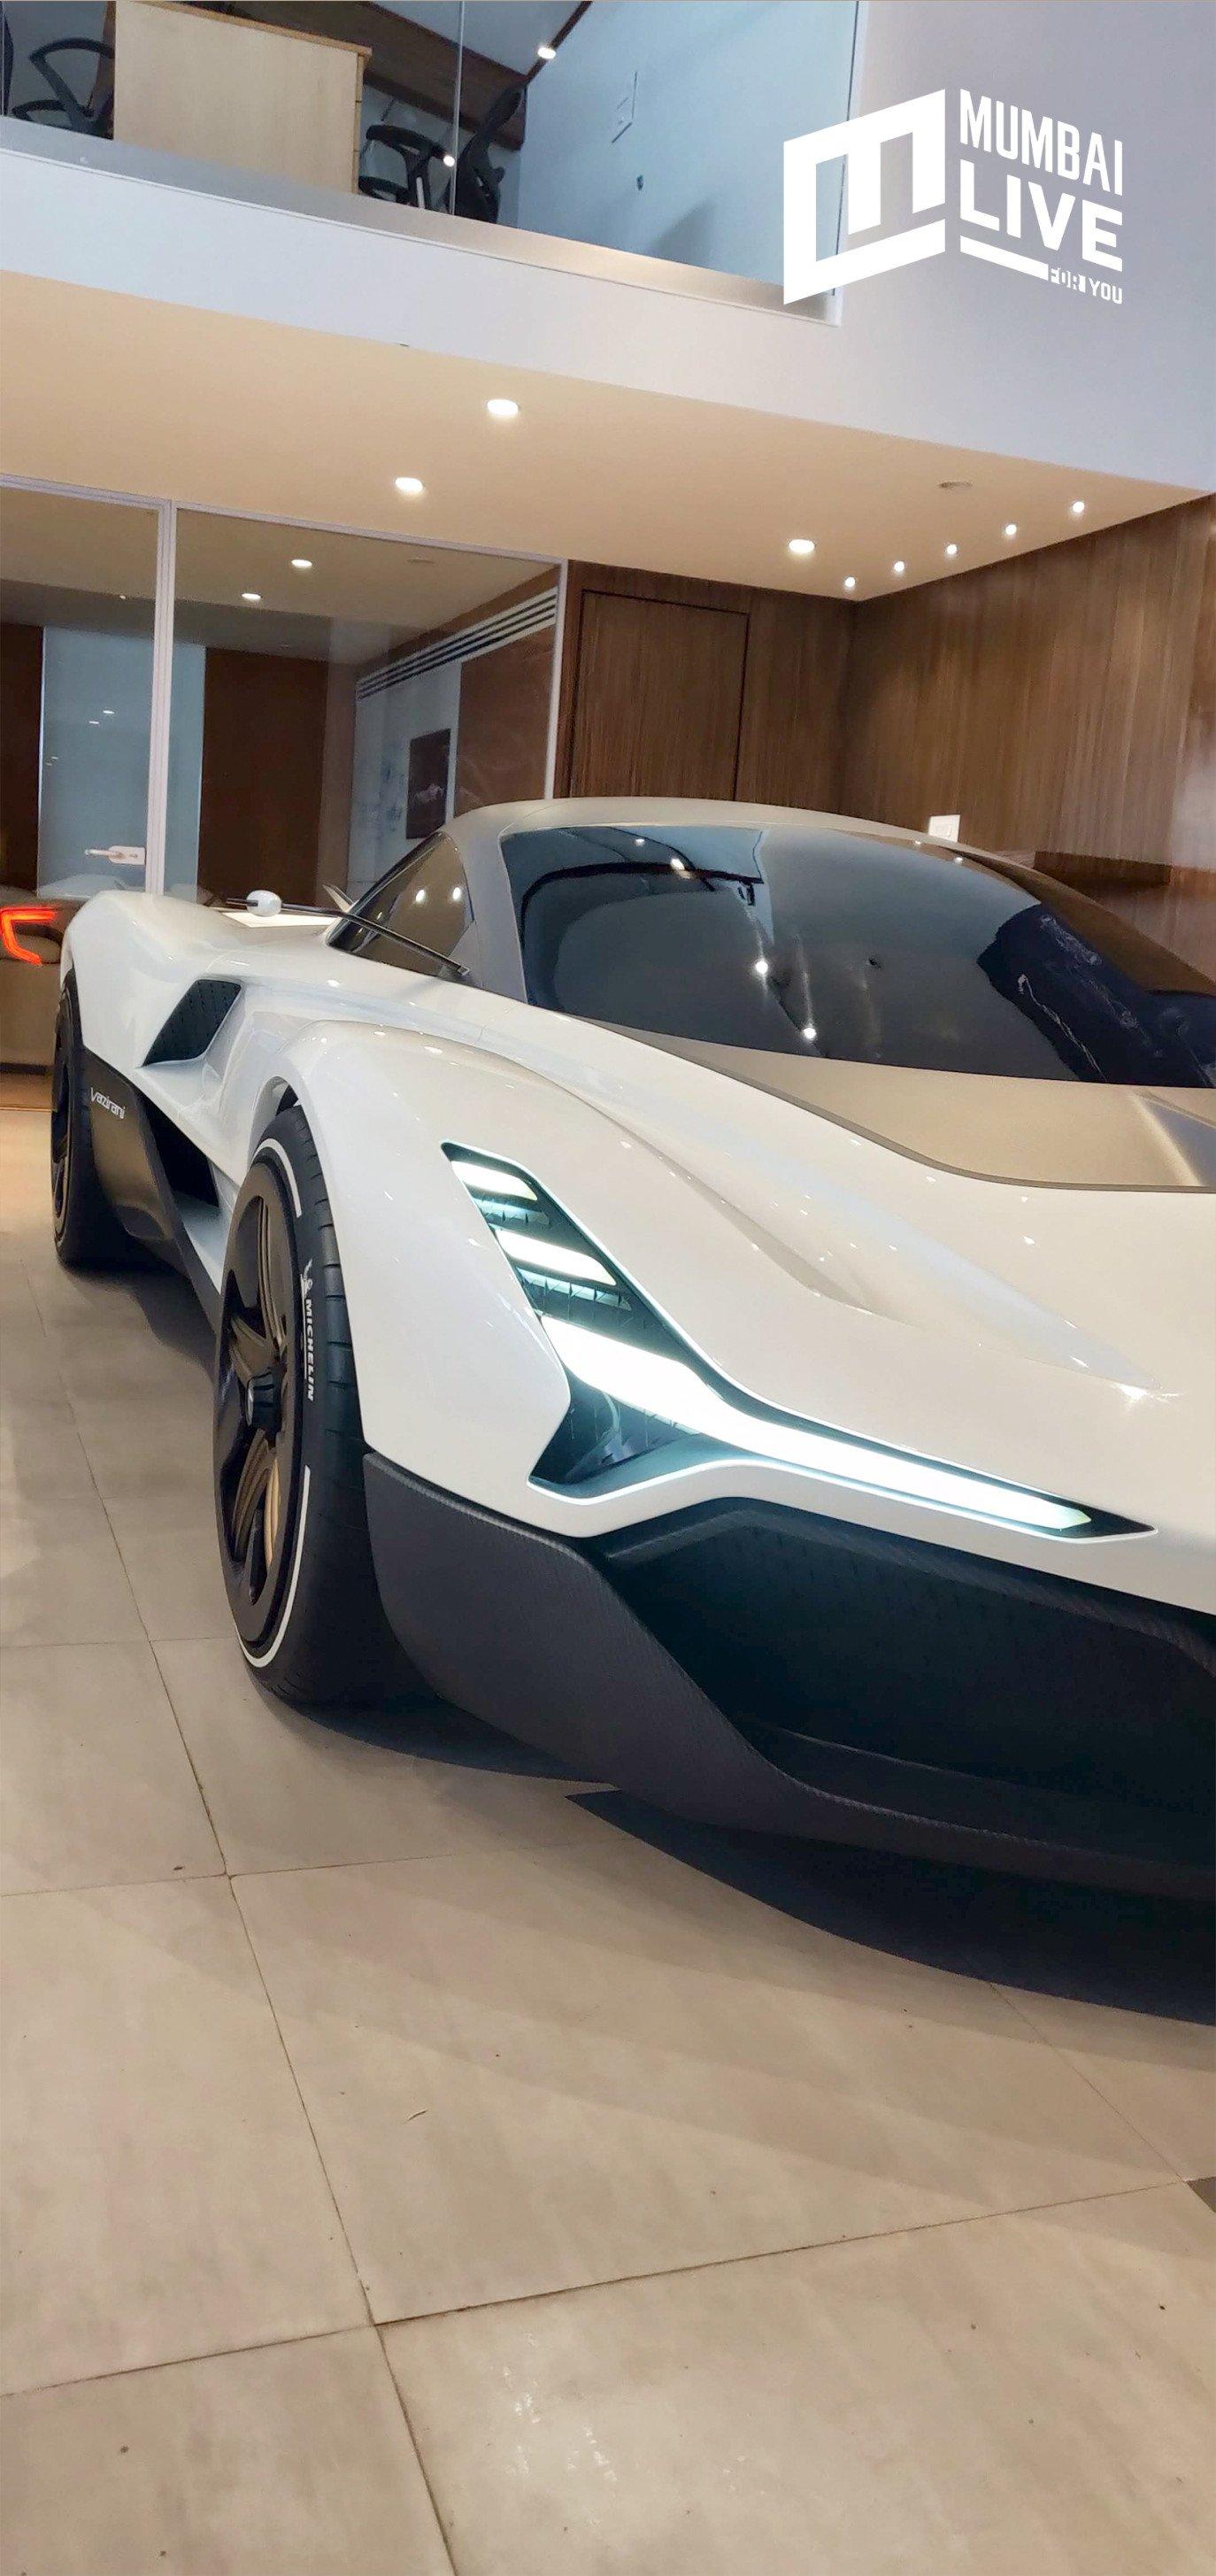 शुल : देशातील पहिली इलेक्ट्रीक हायपर कार लाँच